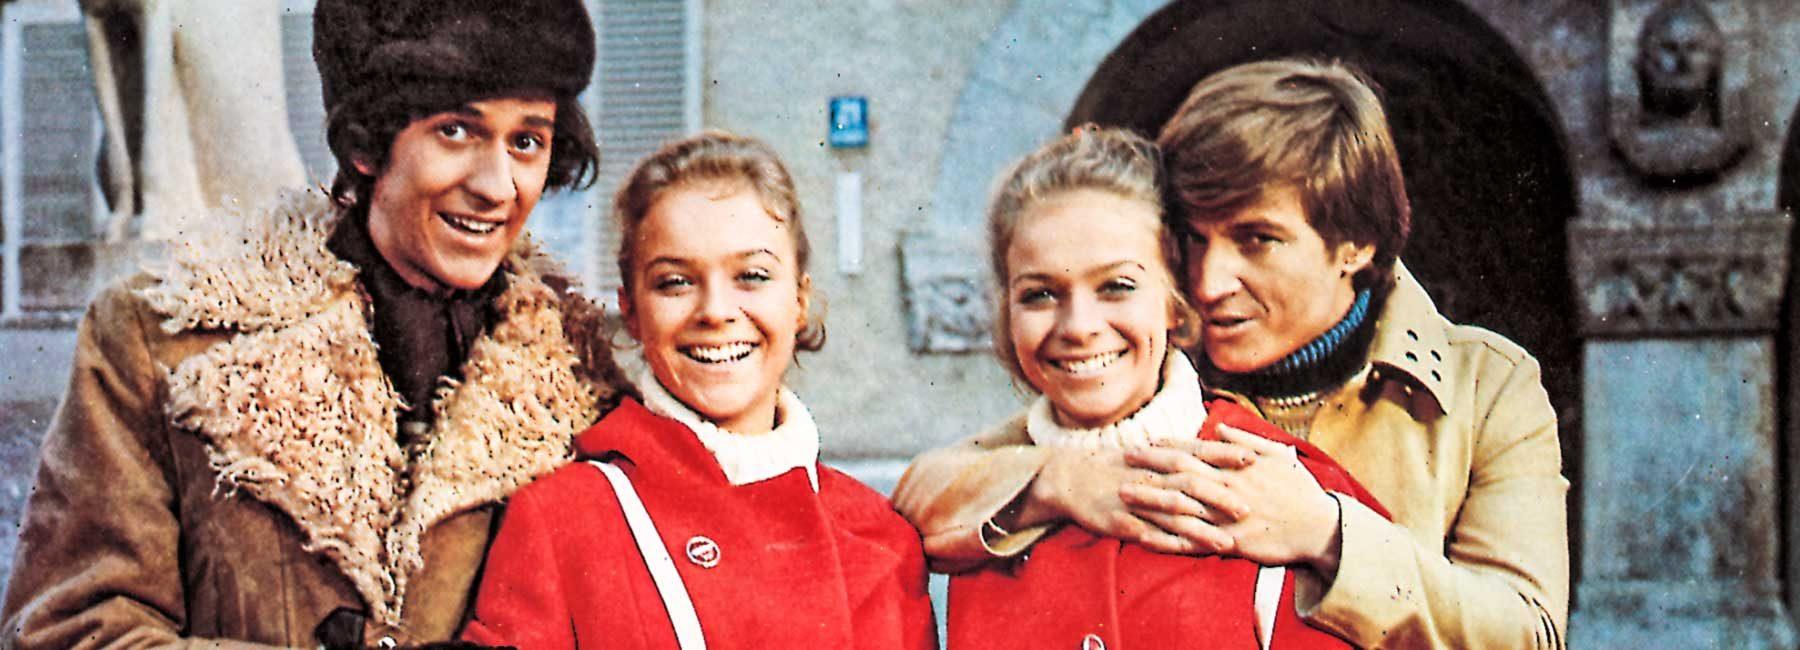 Gaby und Ulli König - Wir suchen die Zwillinge!